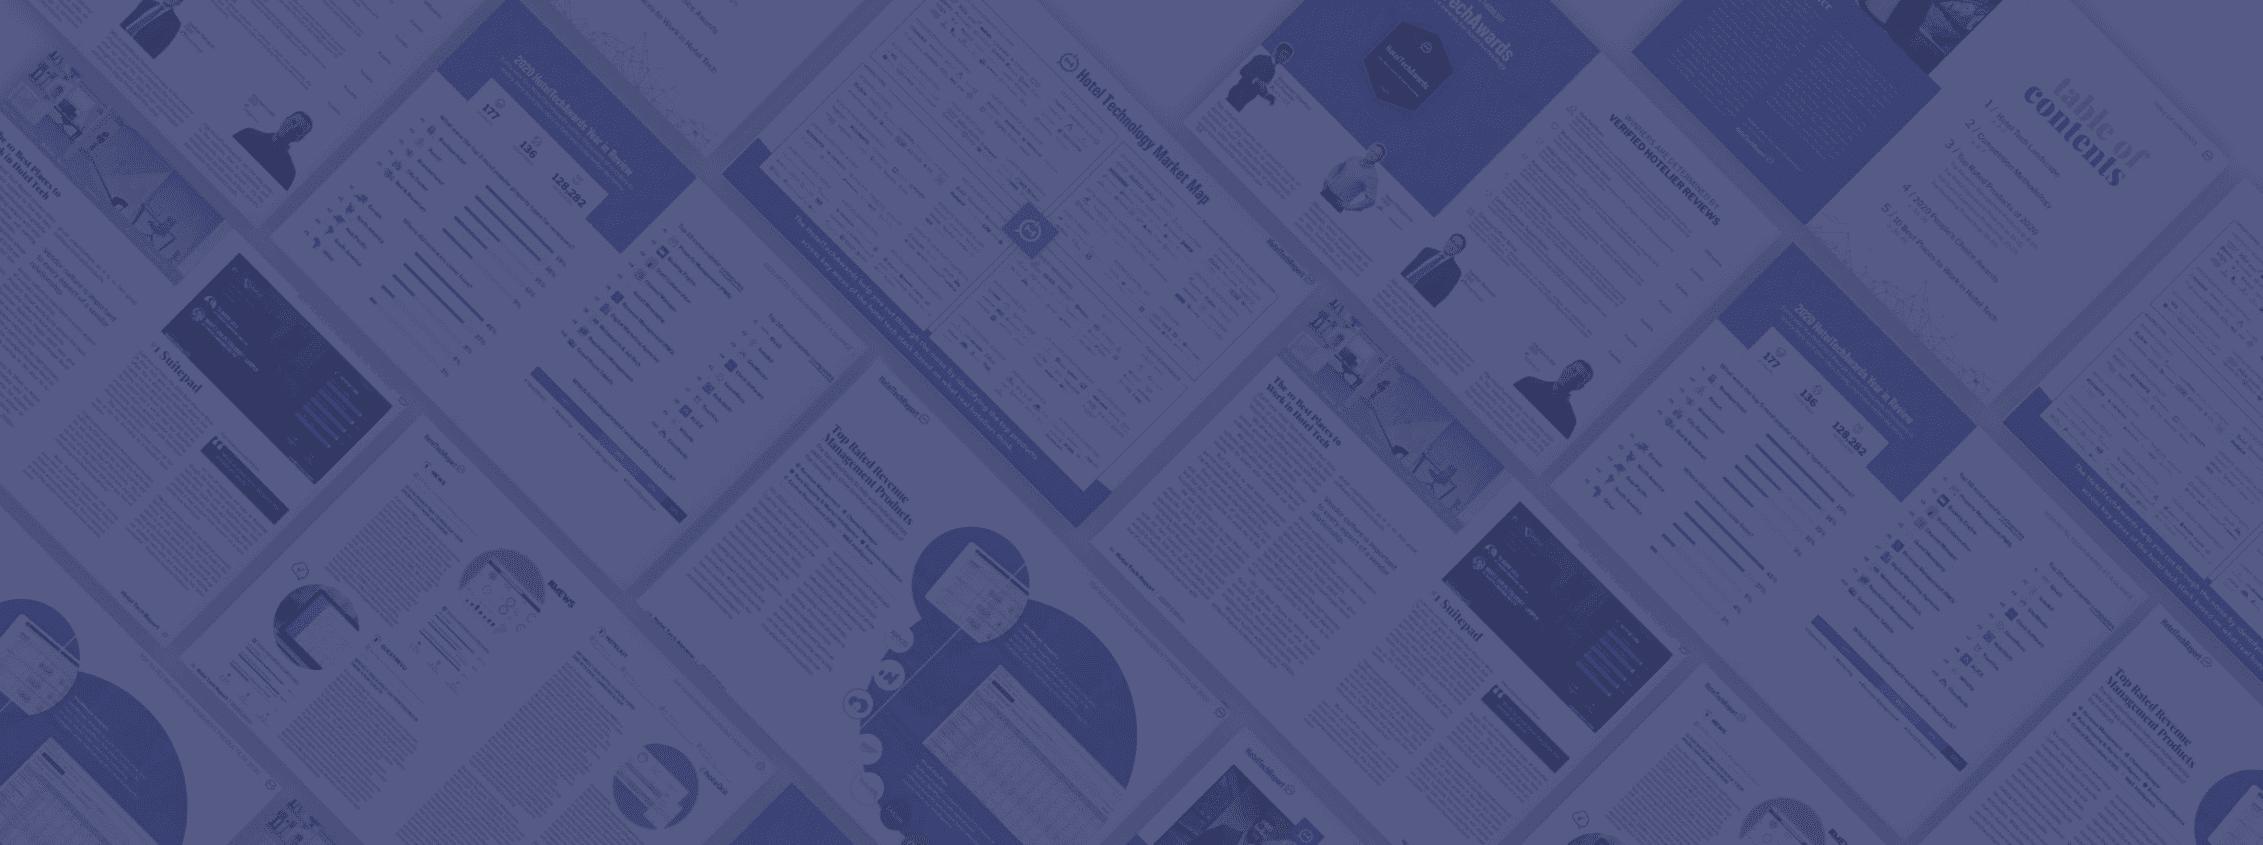 2021 Guest Room Tablets Buyer´s Guide Seiten im Hintergrund